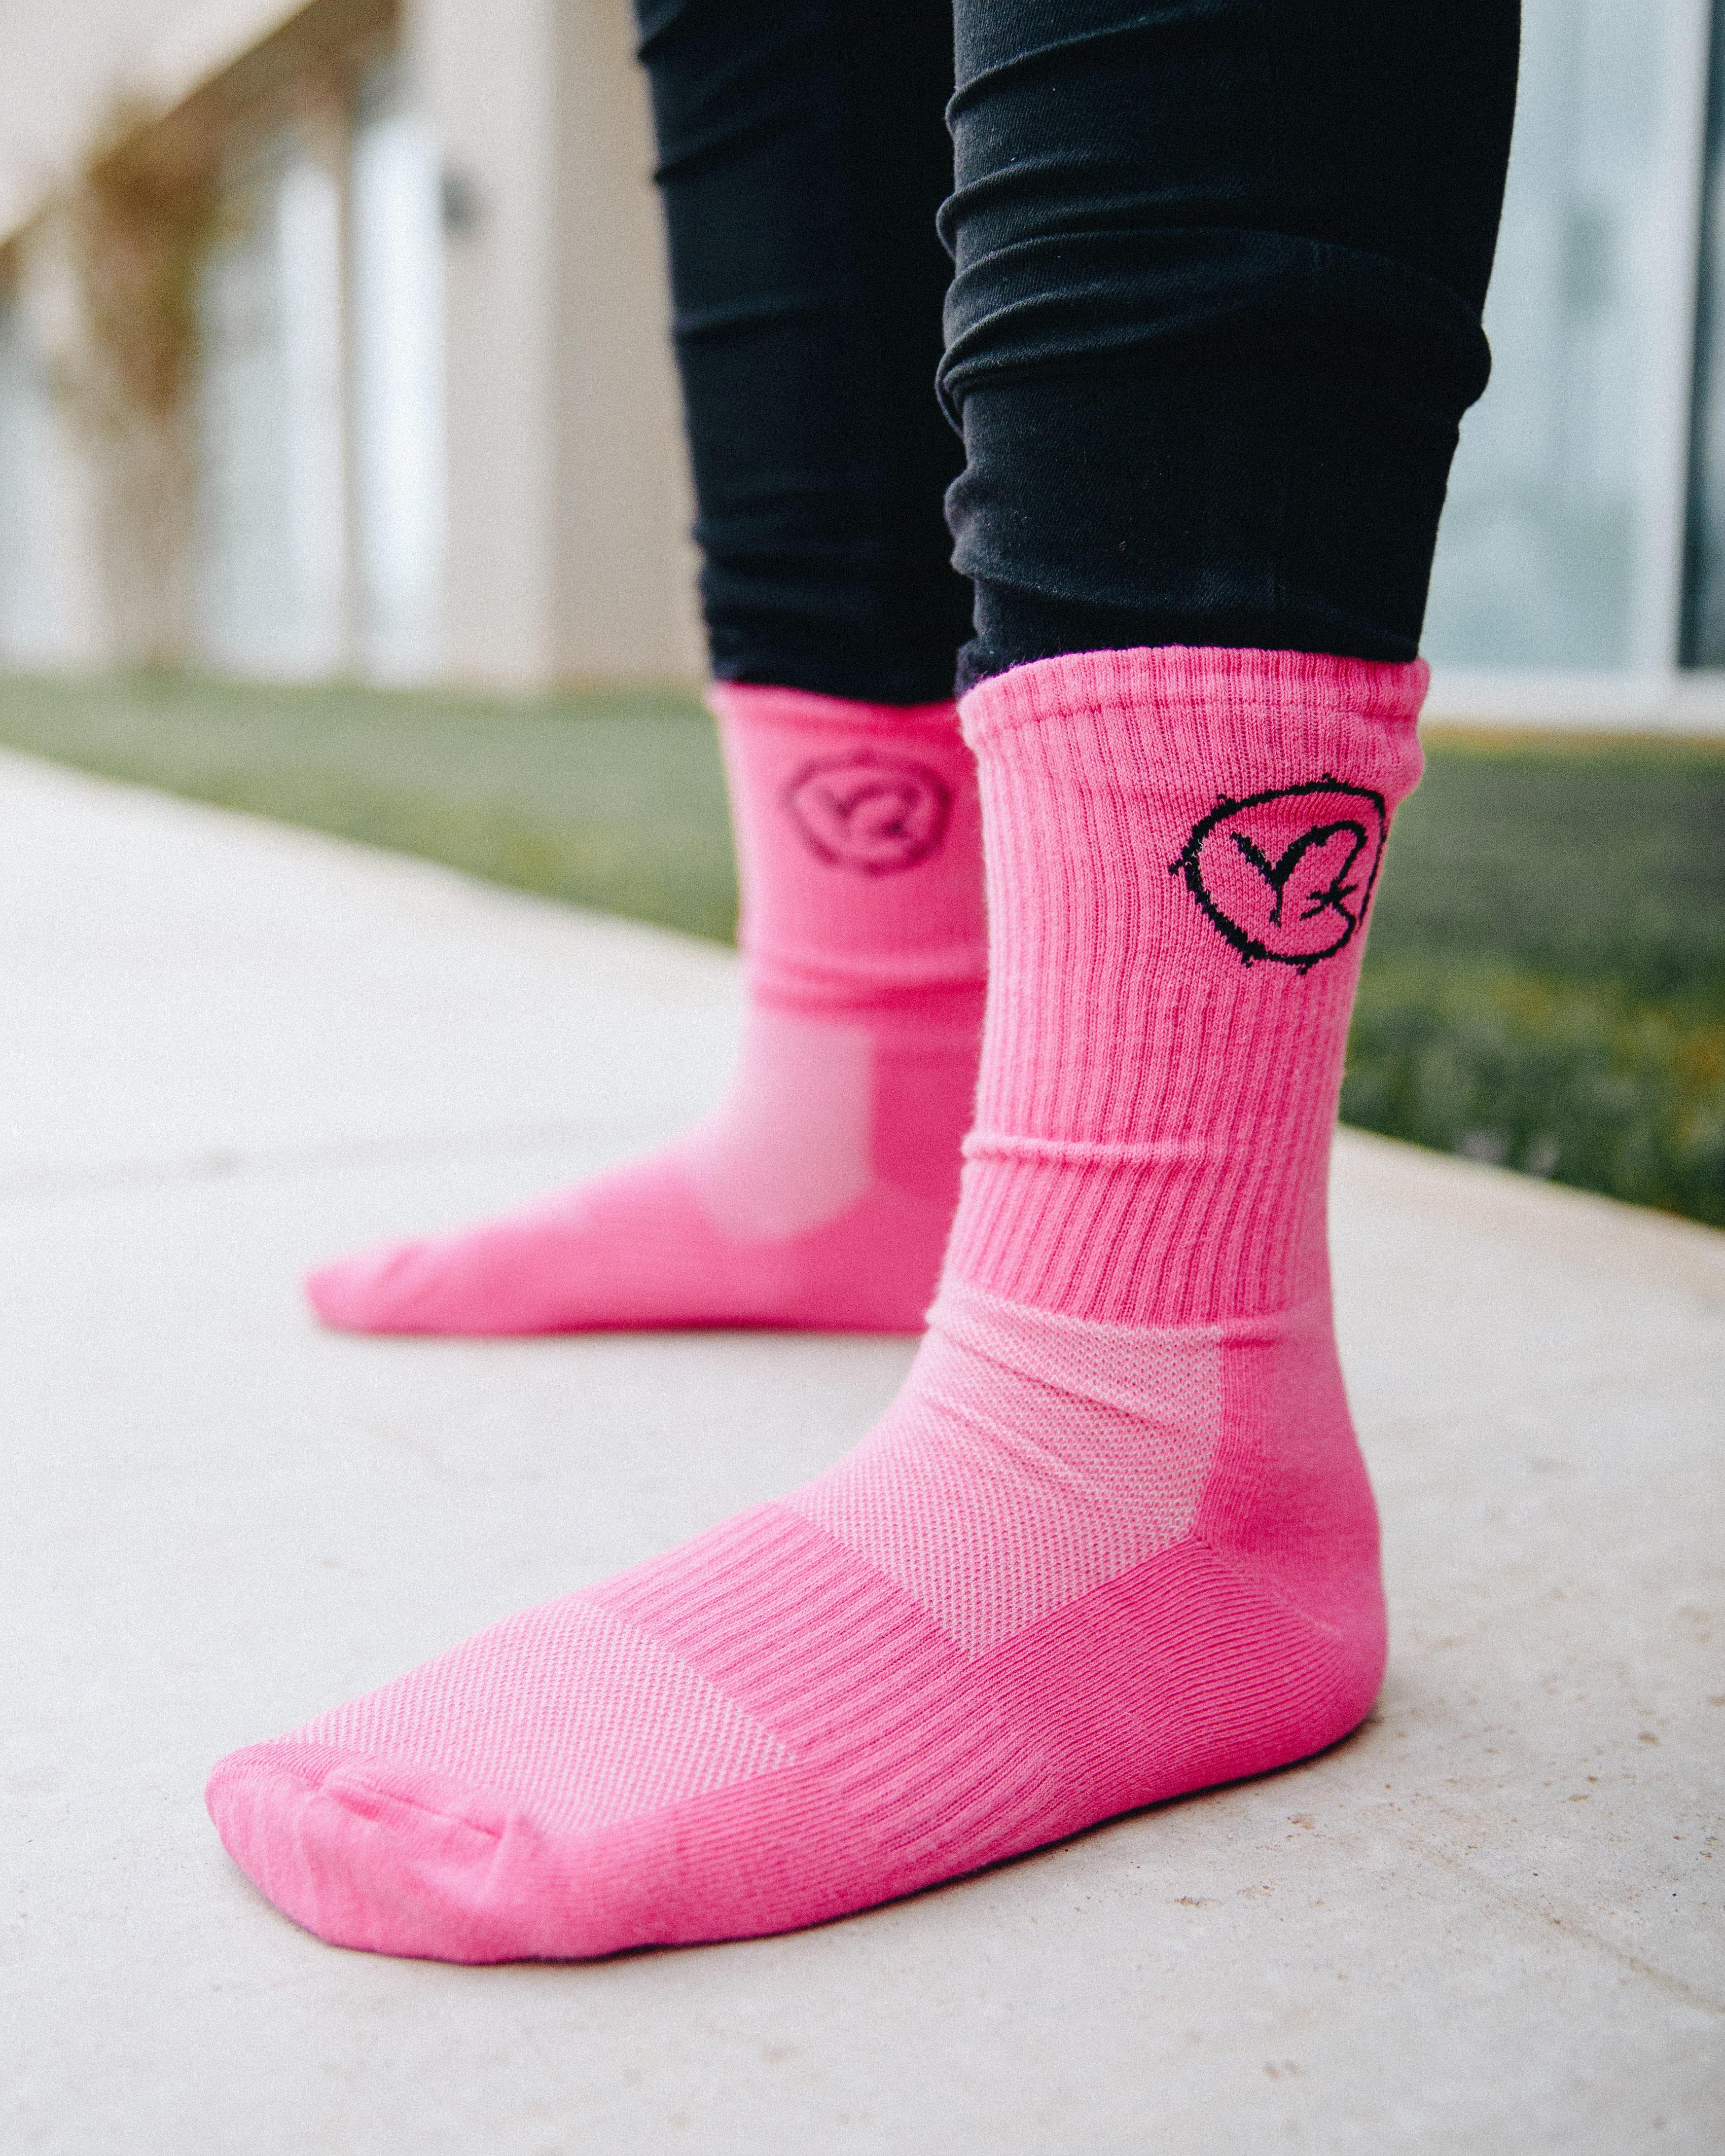 YUNGBLUD socks - YUNGBLUDUSA